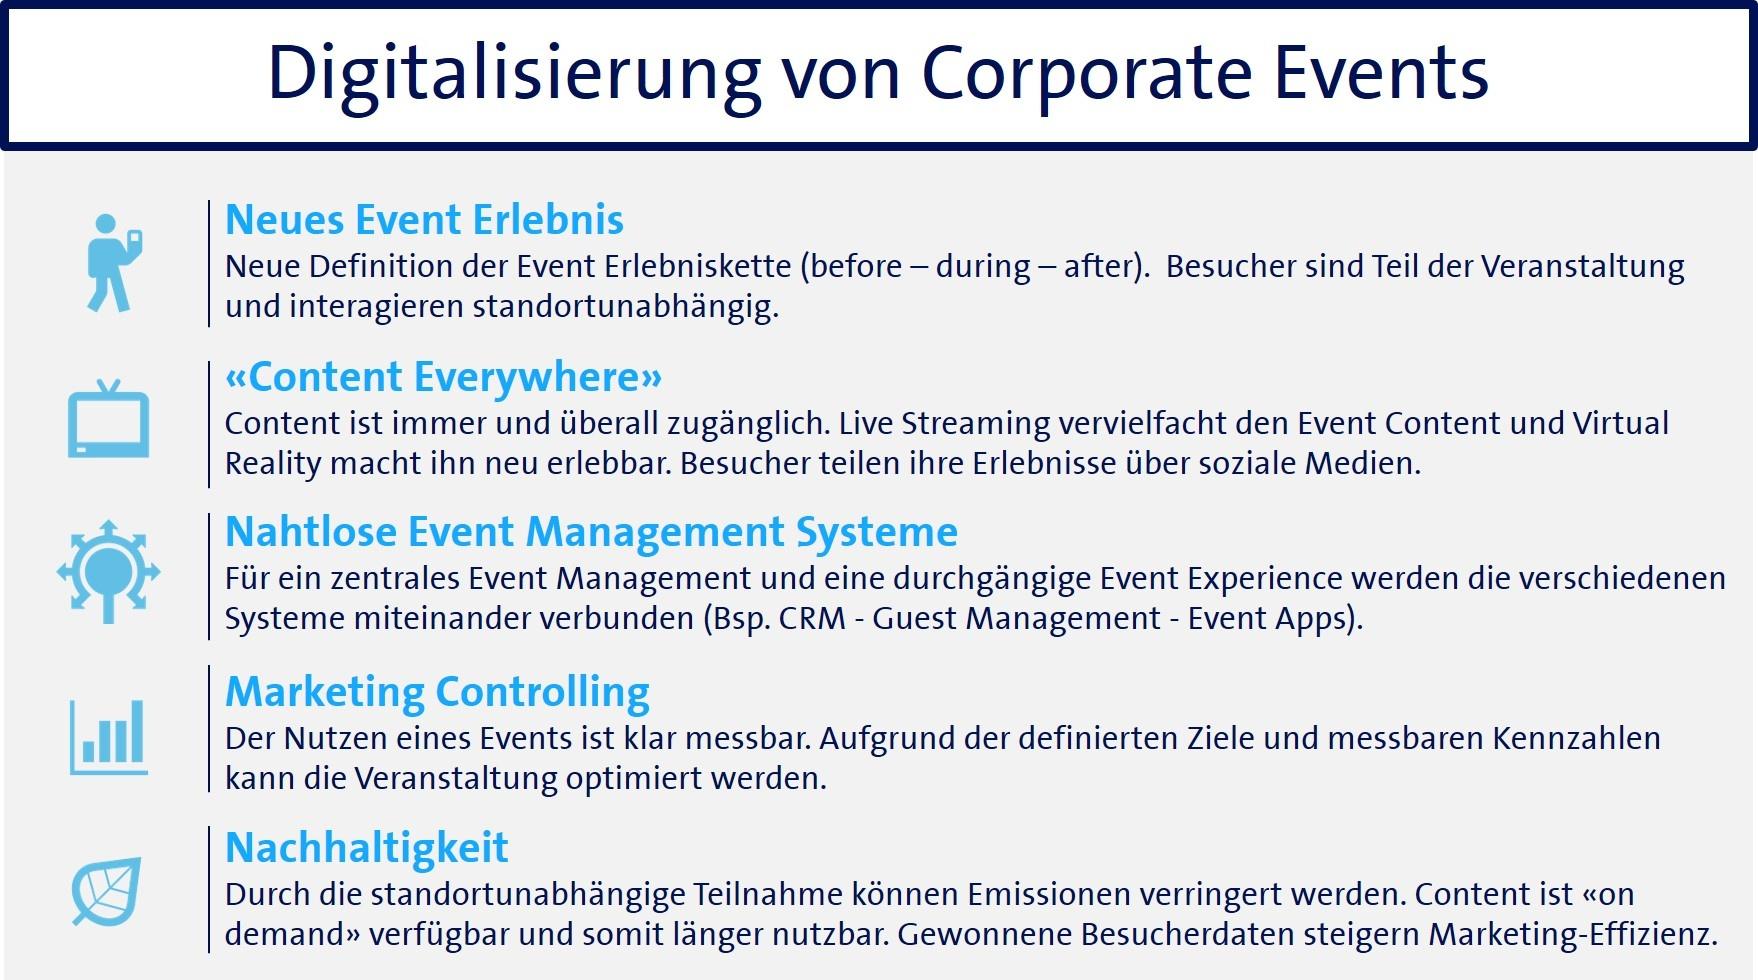 Digitalisierung von Corporate Events